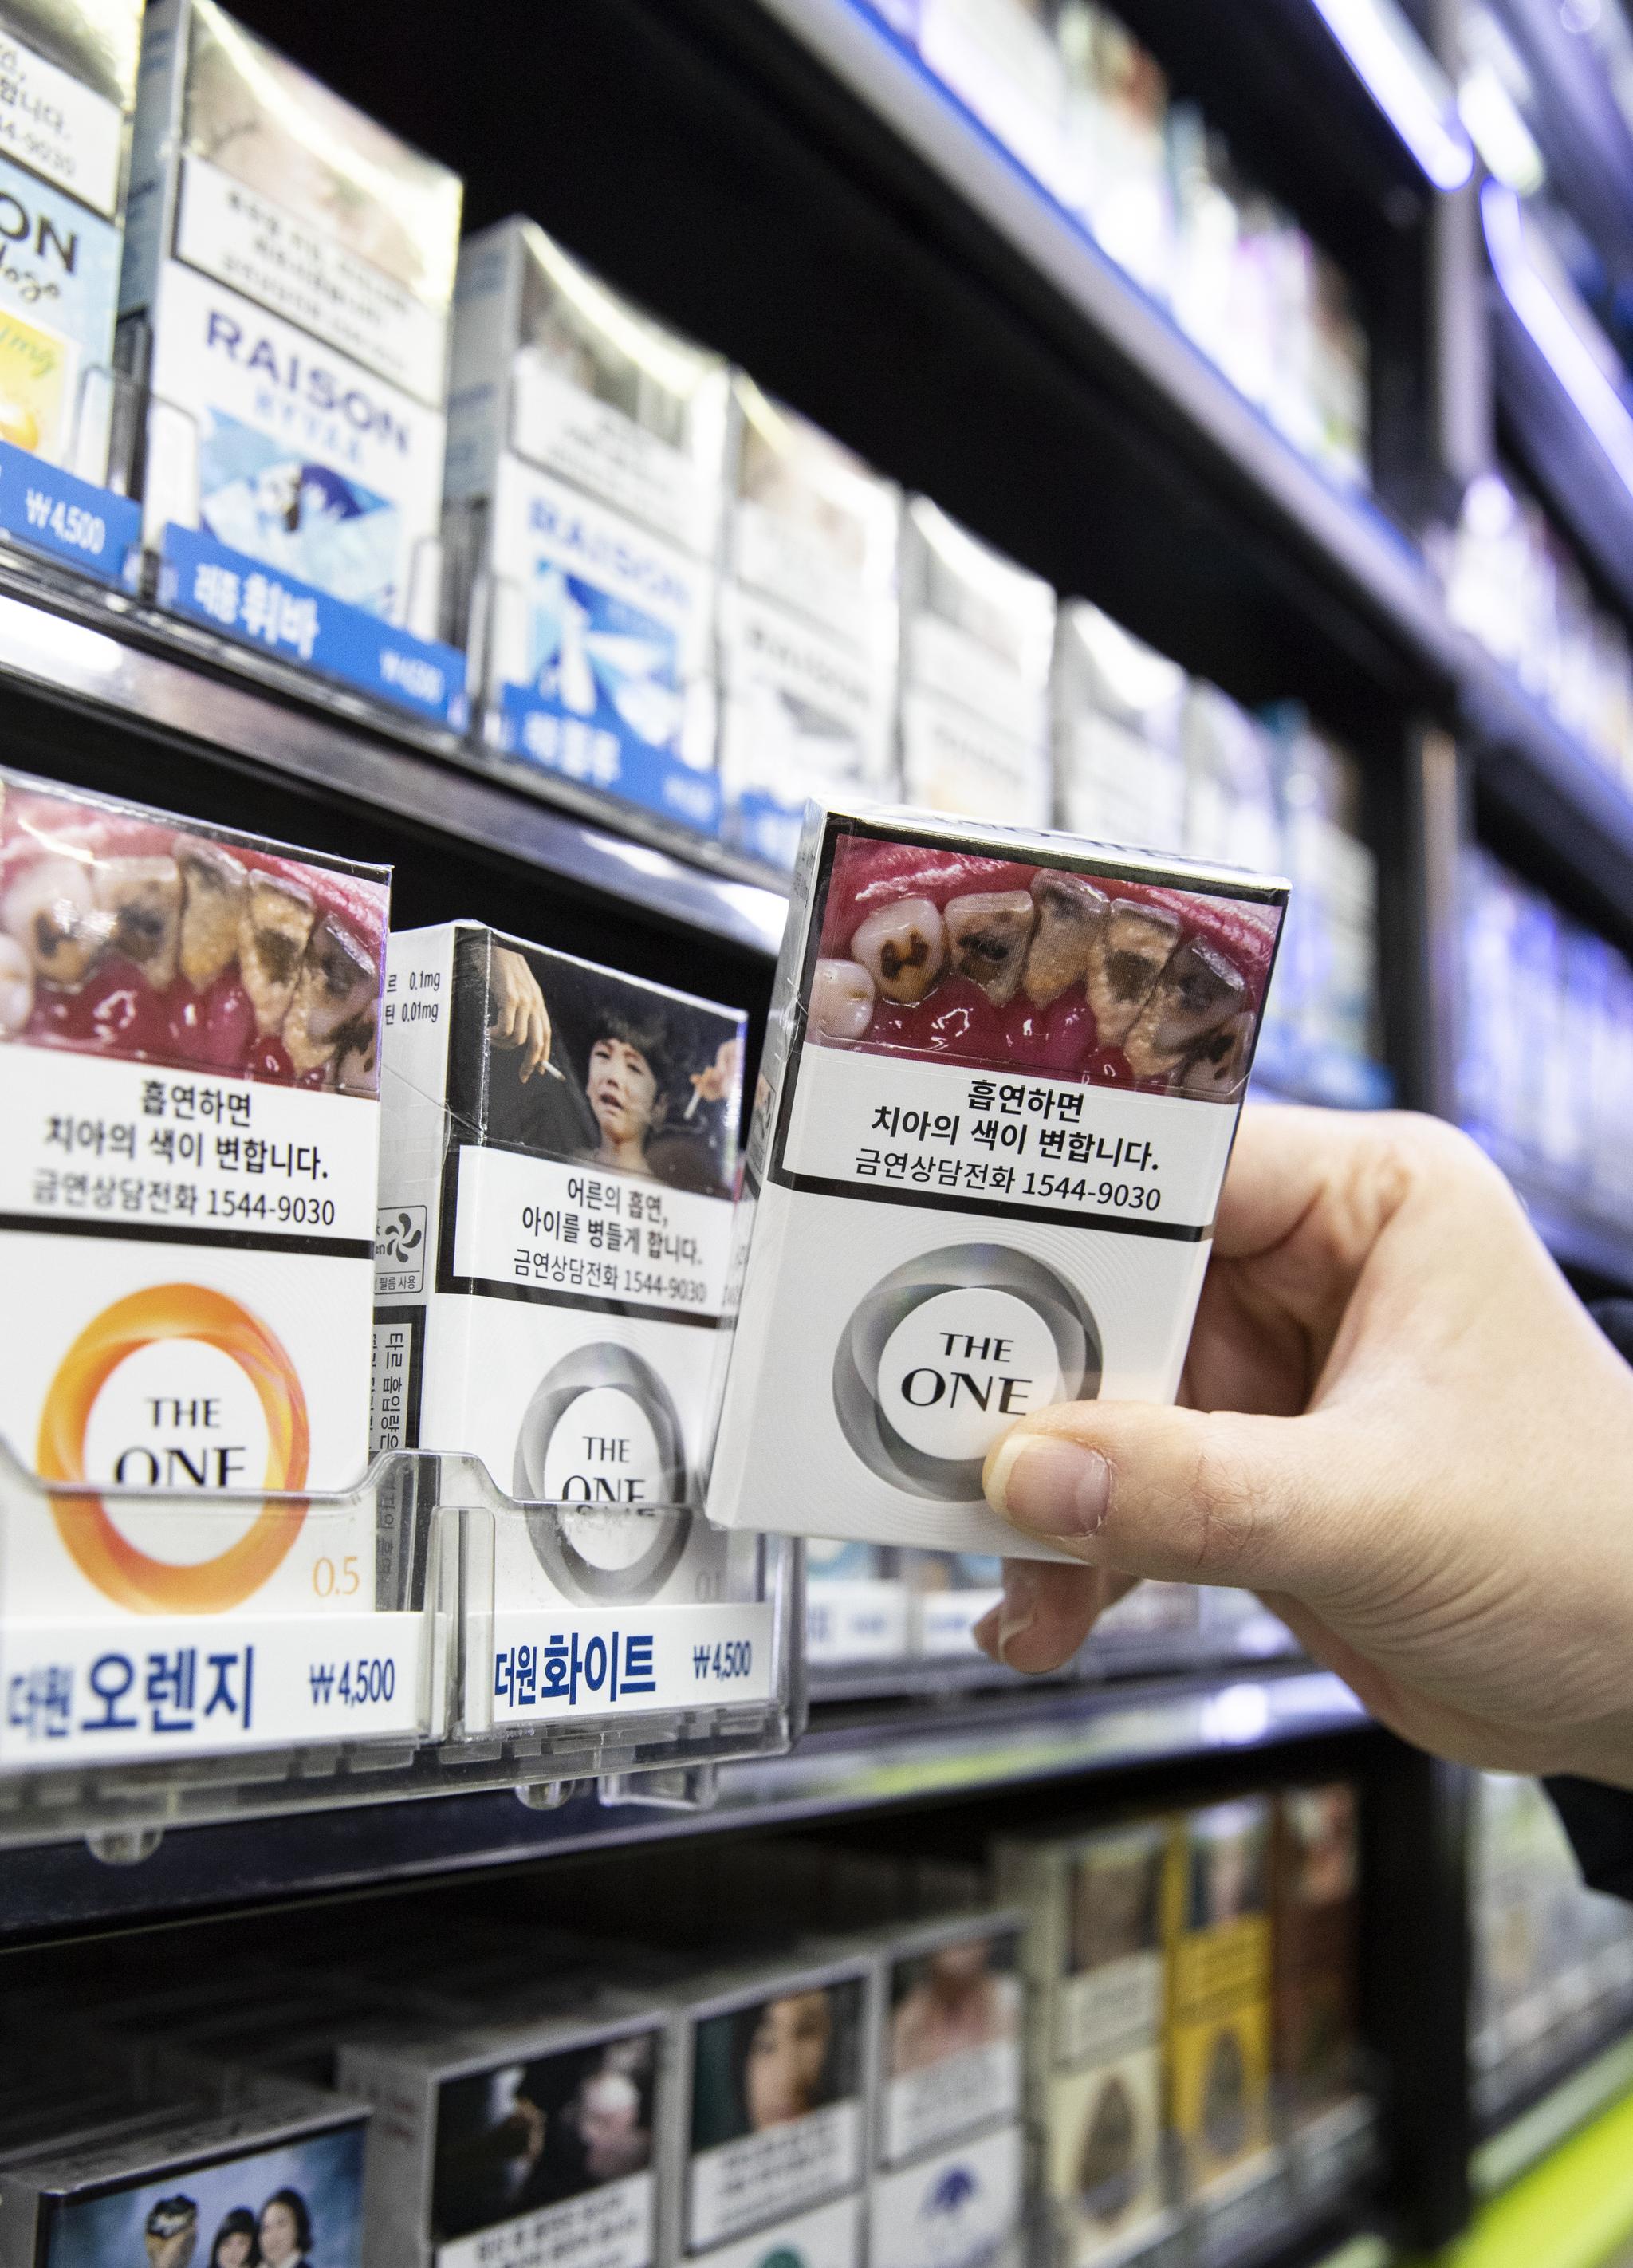 서울의 한 편의점에서 흡연의 위험성을 알리는 경고그림이 부착된 상태로 판매중인 담뱃갑. [연합뉴스]